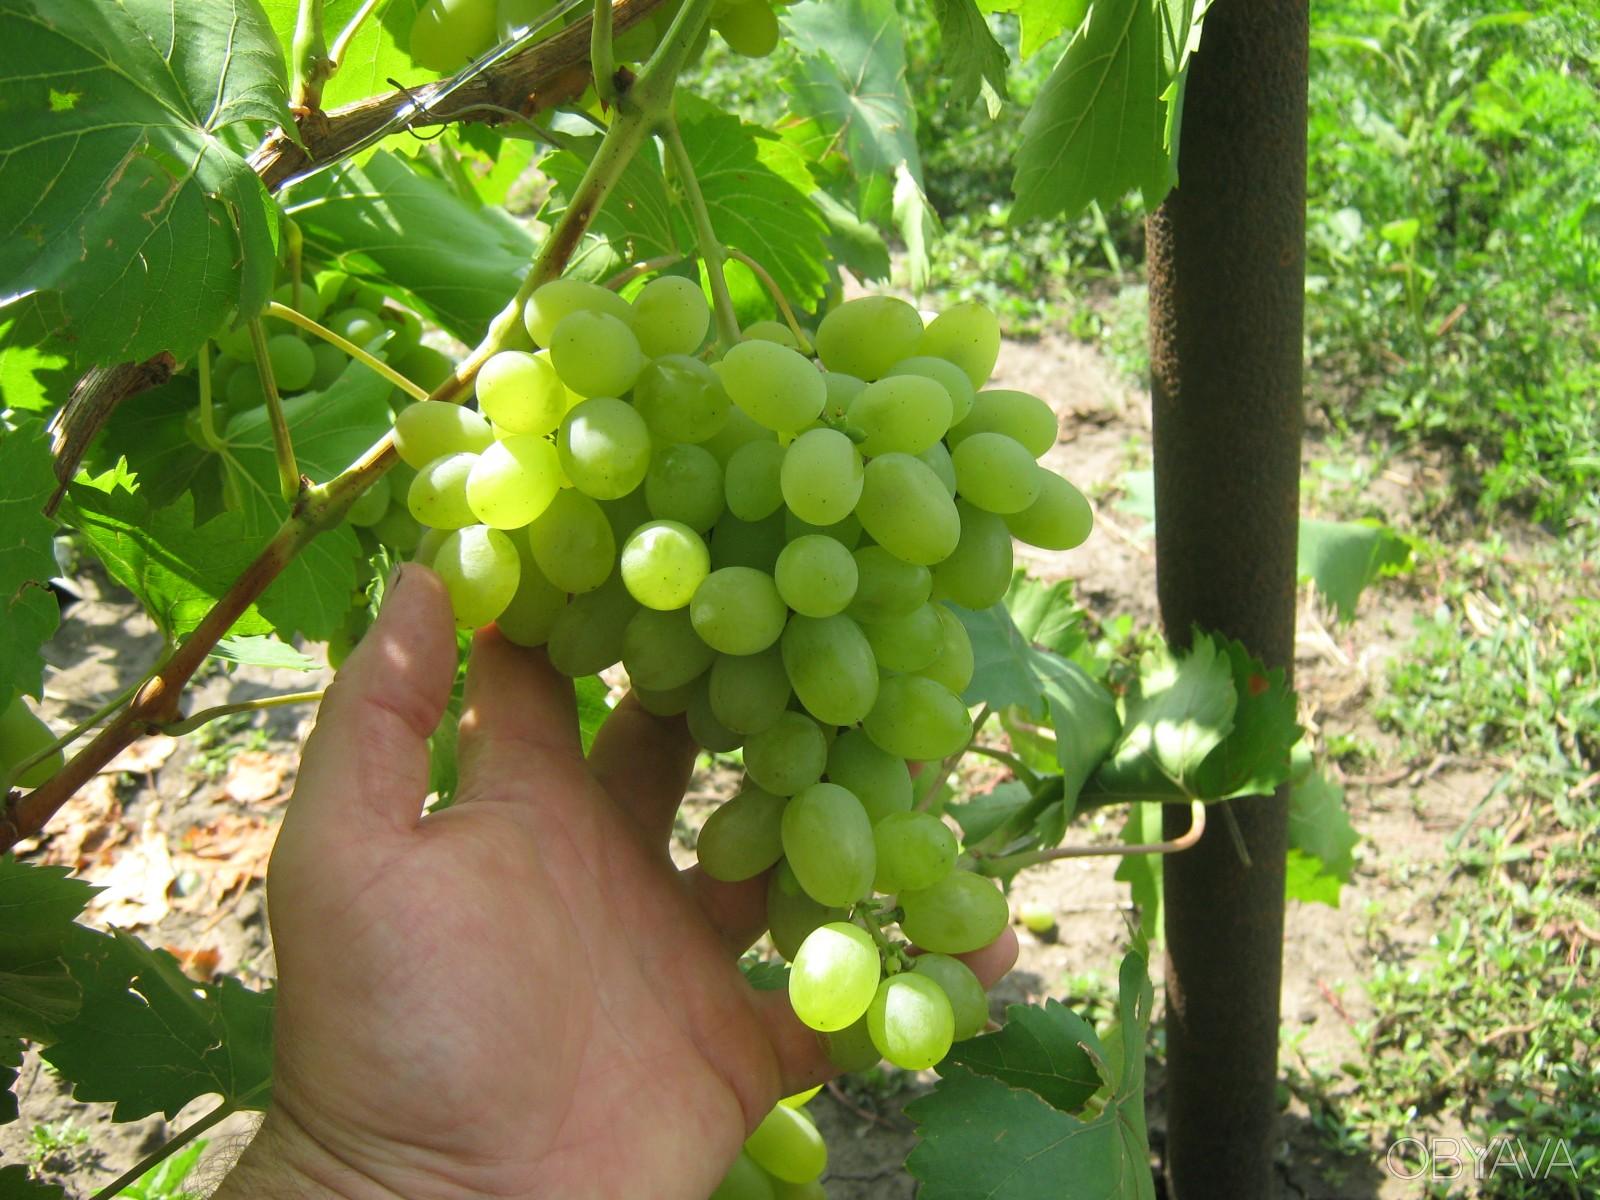 виноград феномен описание сорта фото приходят восторг игры